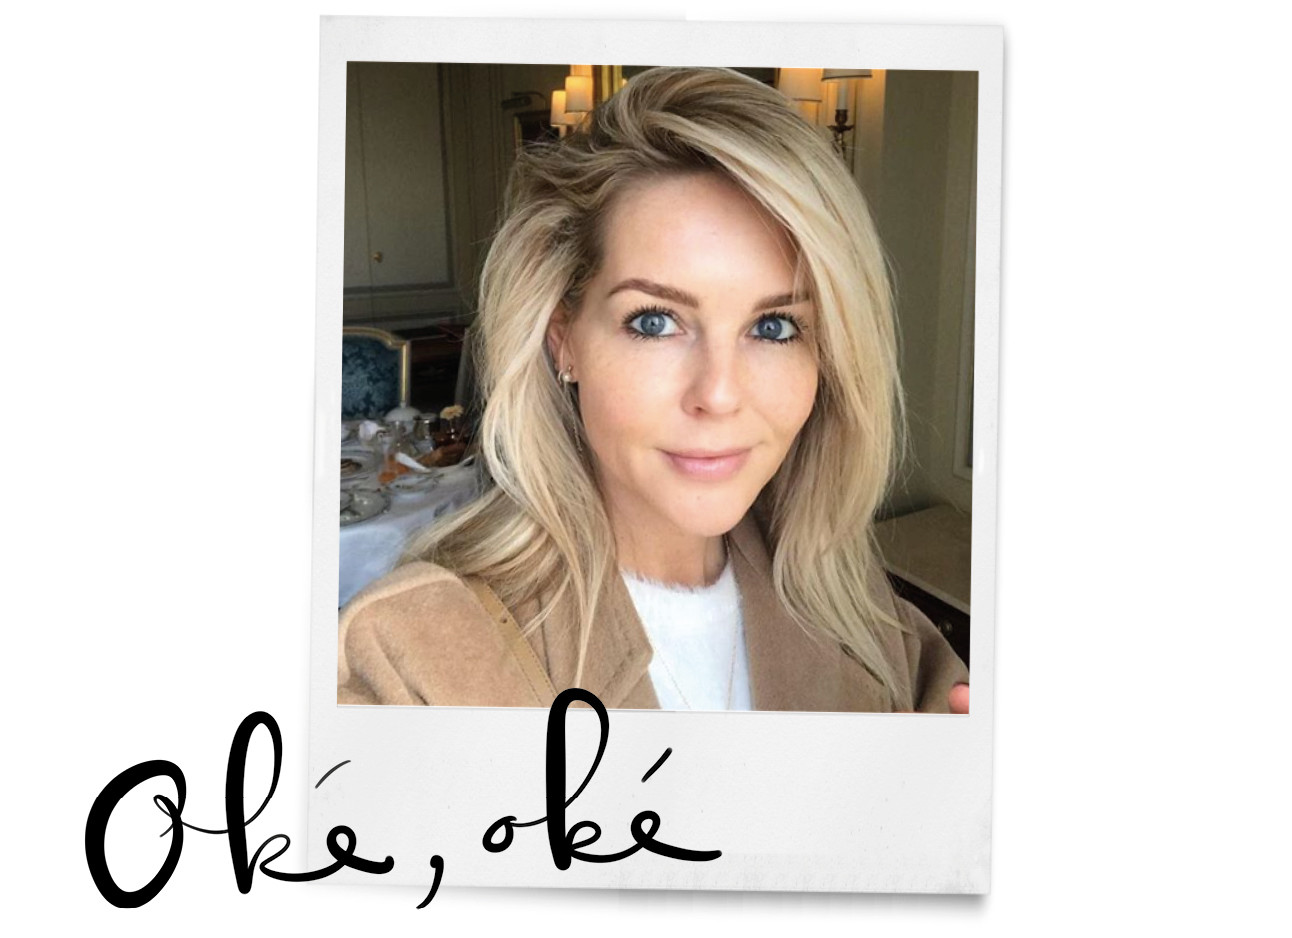 selfie van chantal janzen, blond haar, camelkleurige blazer